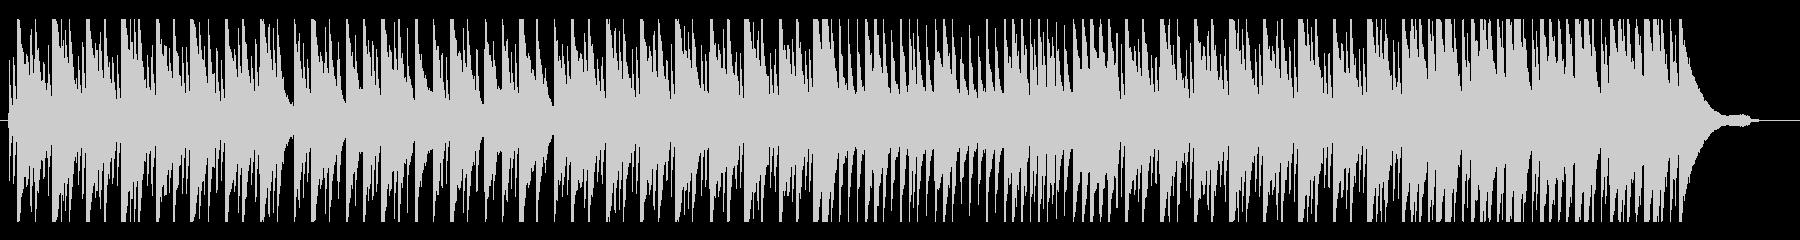 懐かしい雰囲気のピアノソロの未再生の波形